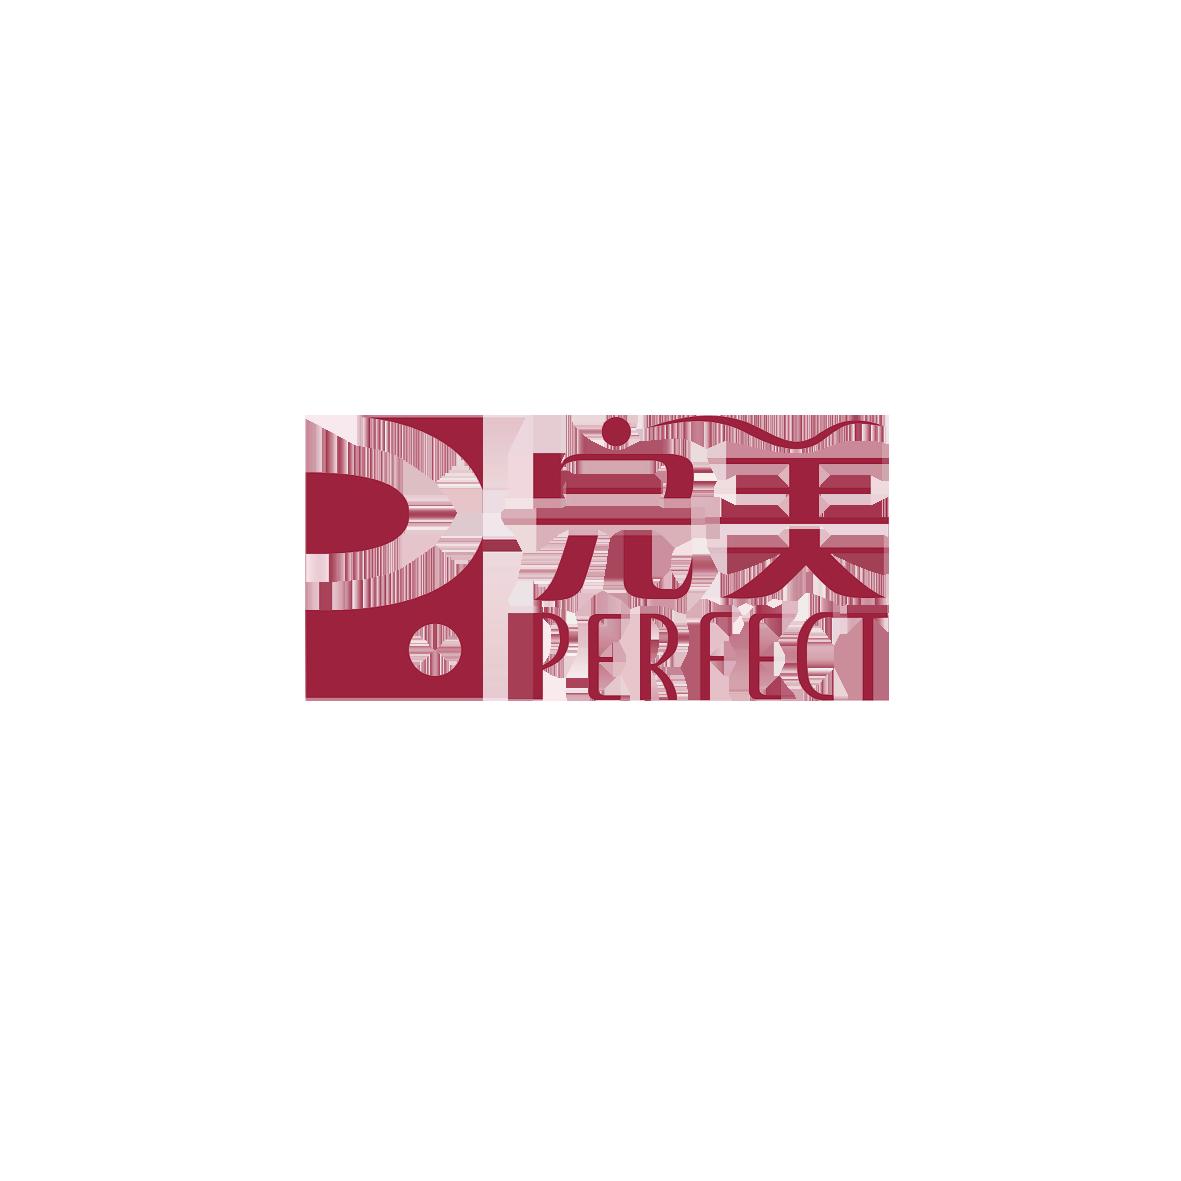 台灣完美資源有限公司-perfect-logo-